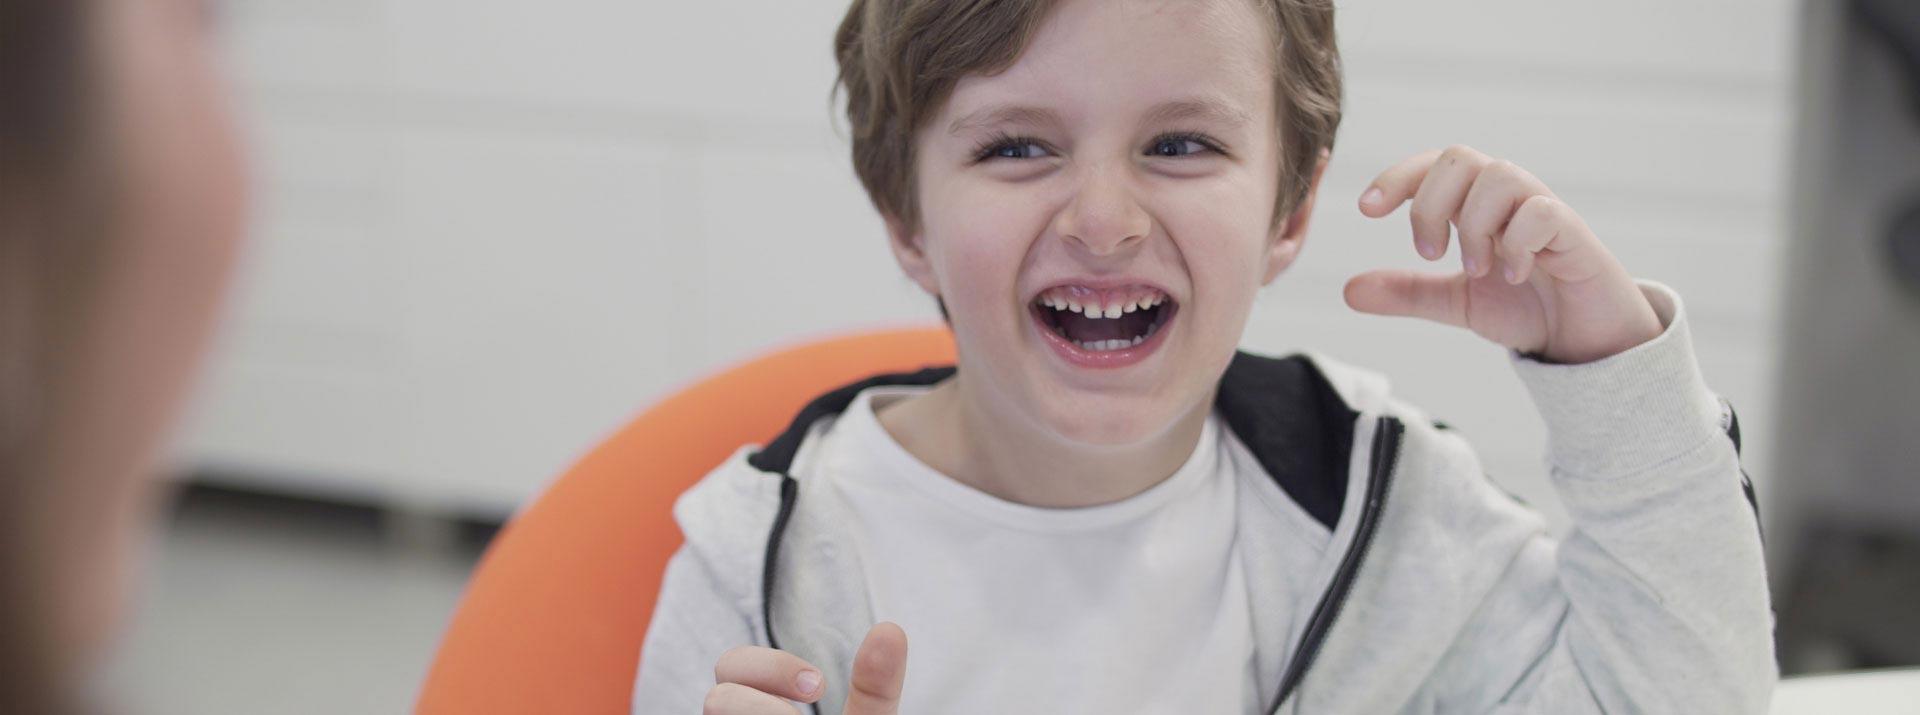 Çocuklarda Ortodonti <br>Ne Kadar Erken O Kadar İyi...